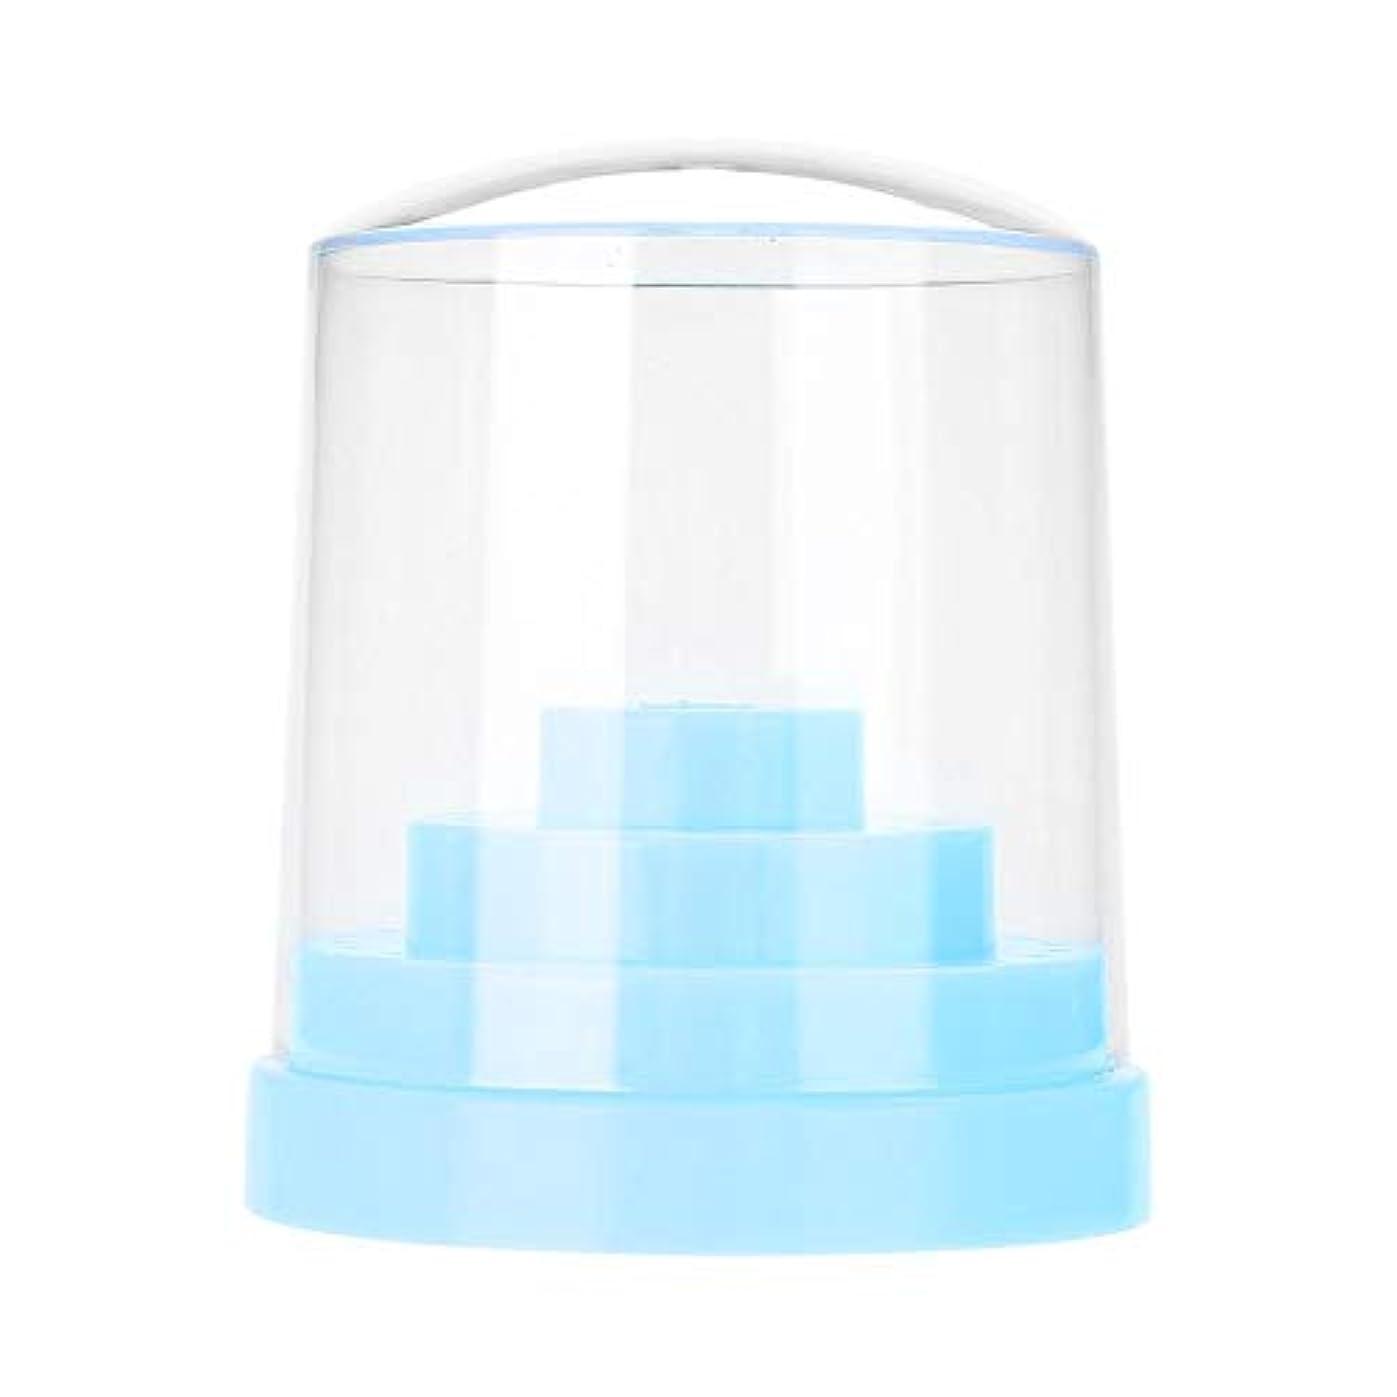 エージェントコメント前奏曲ネイルドリルスタンド、48穴ネイルアートプラスチックネイルケアドリルスタンドホルダードリルビットディスプレイオーガナイザーボックスアートアクセサリーネイルドリル収納ボックス(青)